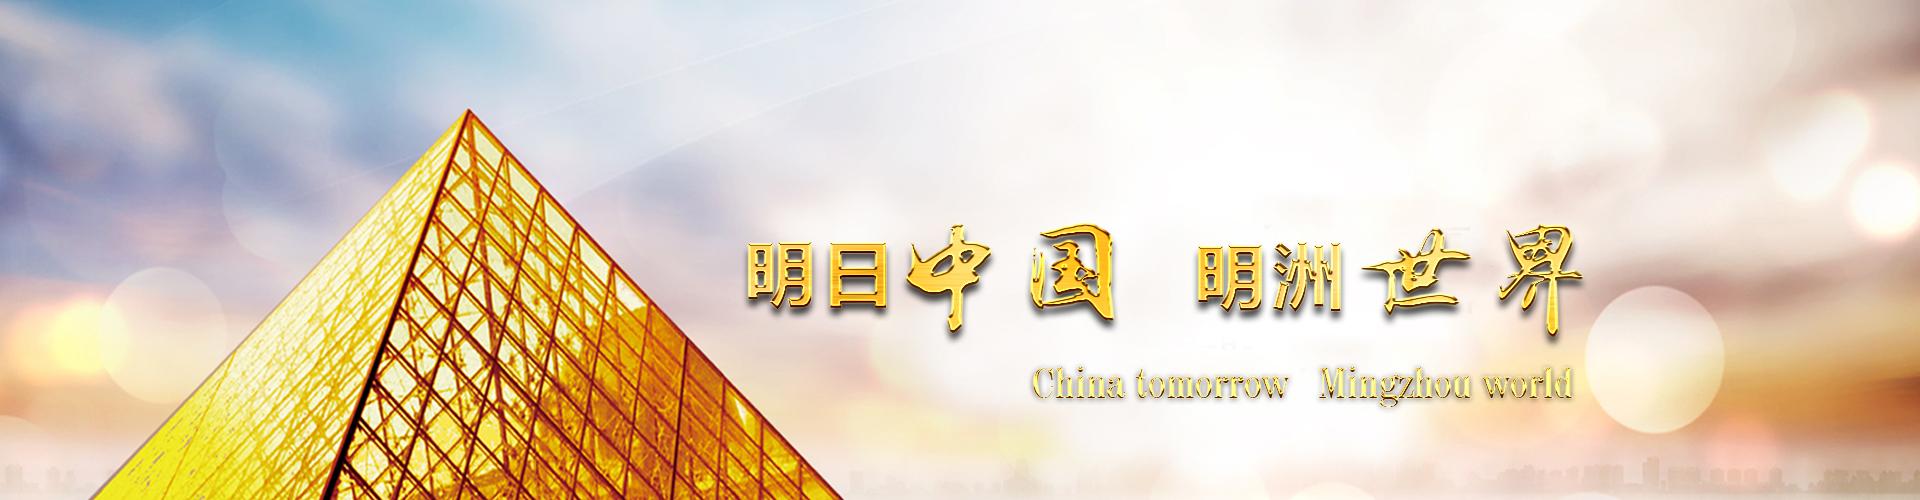 明洲集团资本运营